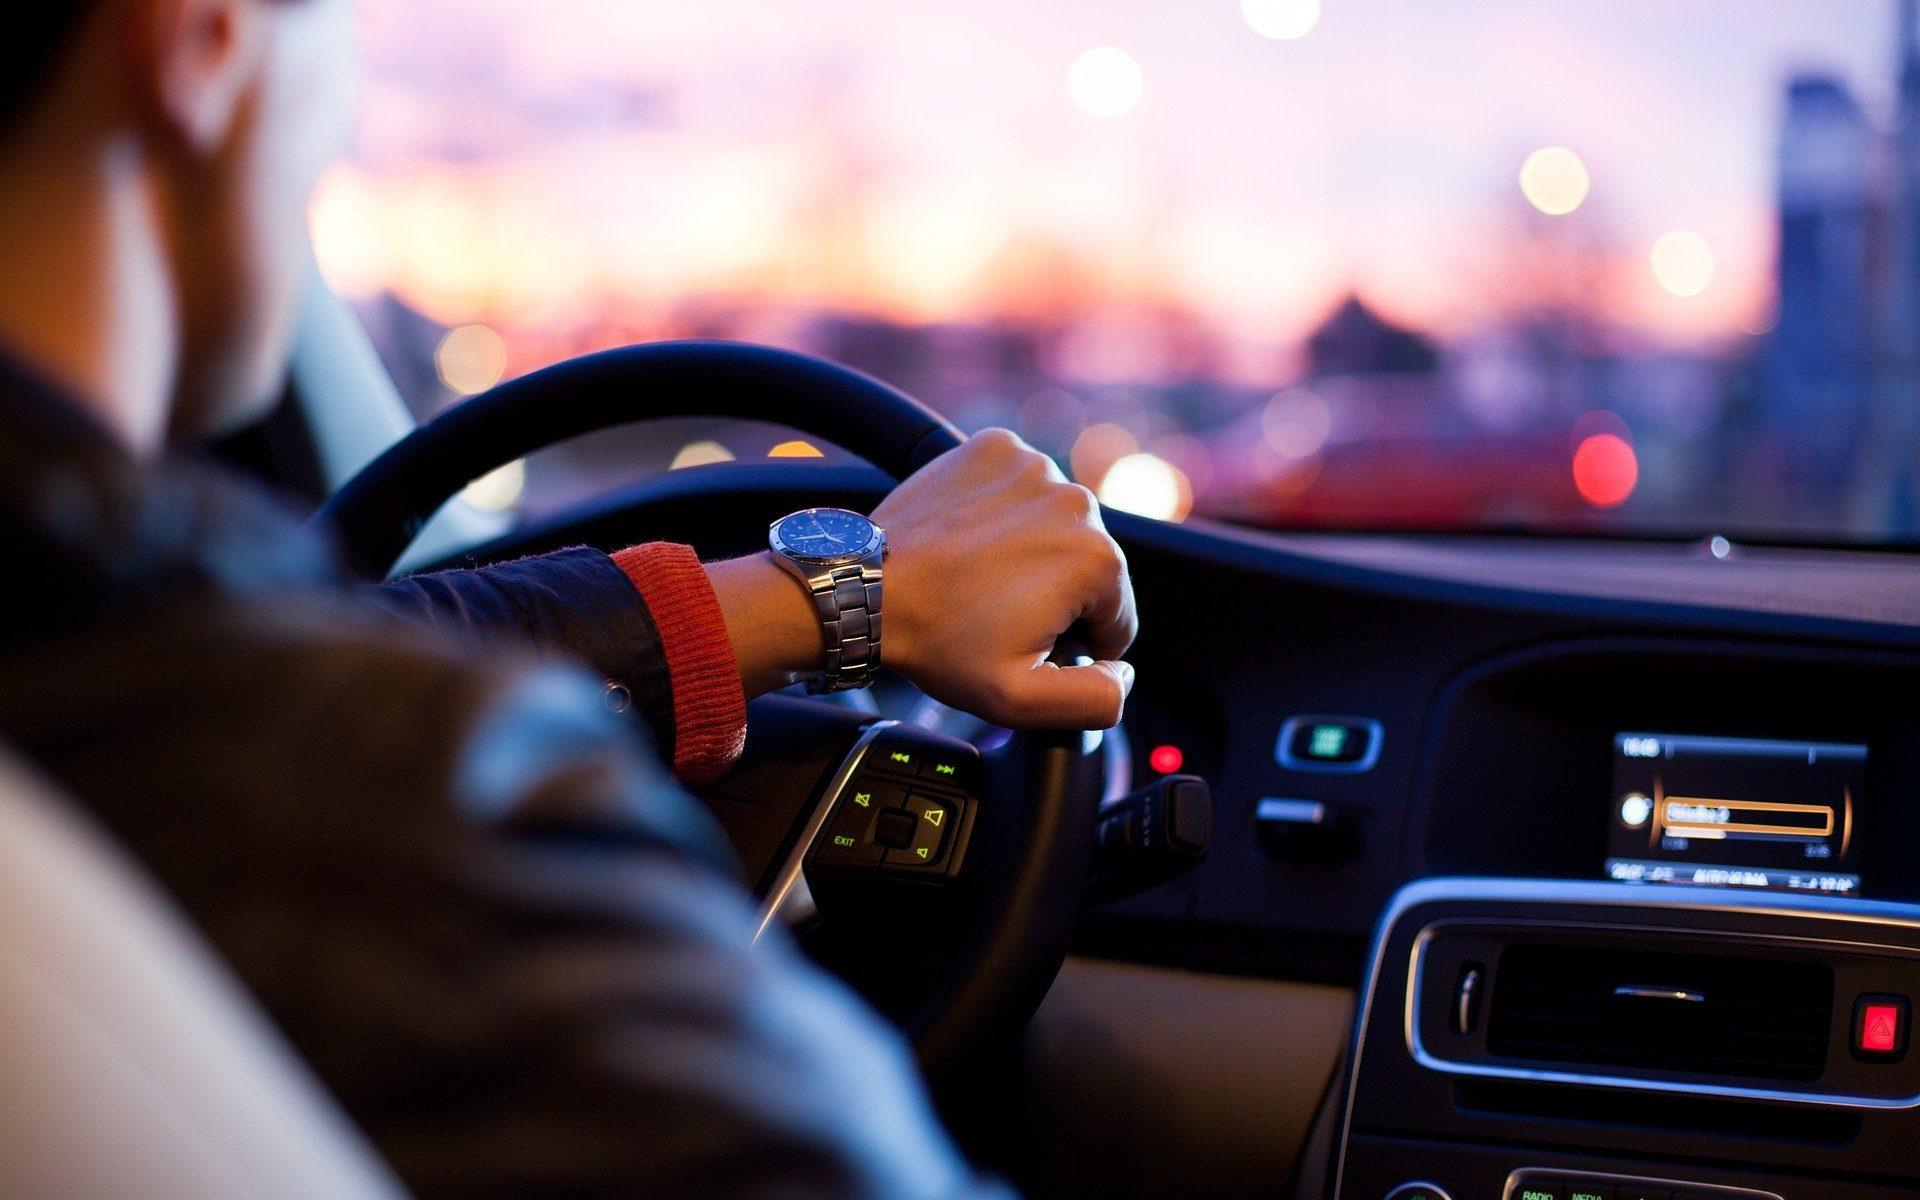 immatricolazioni, rinnovo patente, trapasso, bollo auto e moto, visure